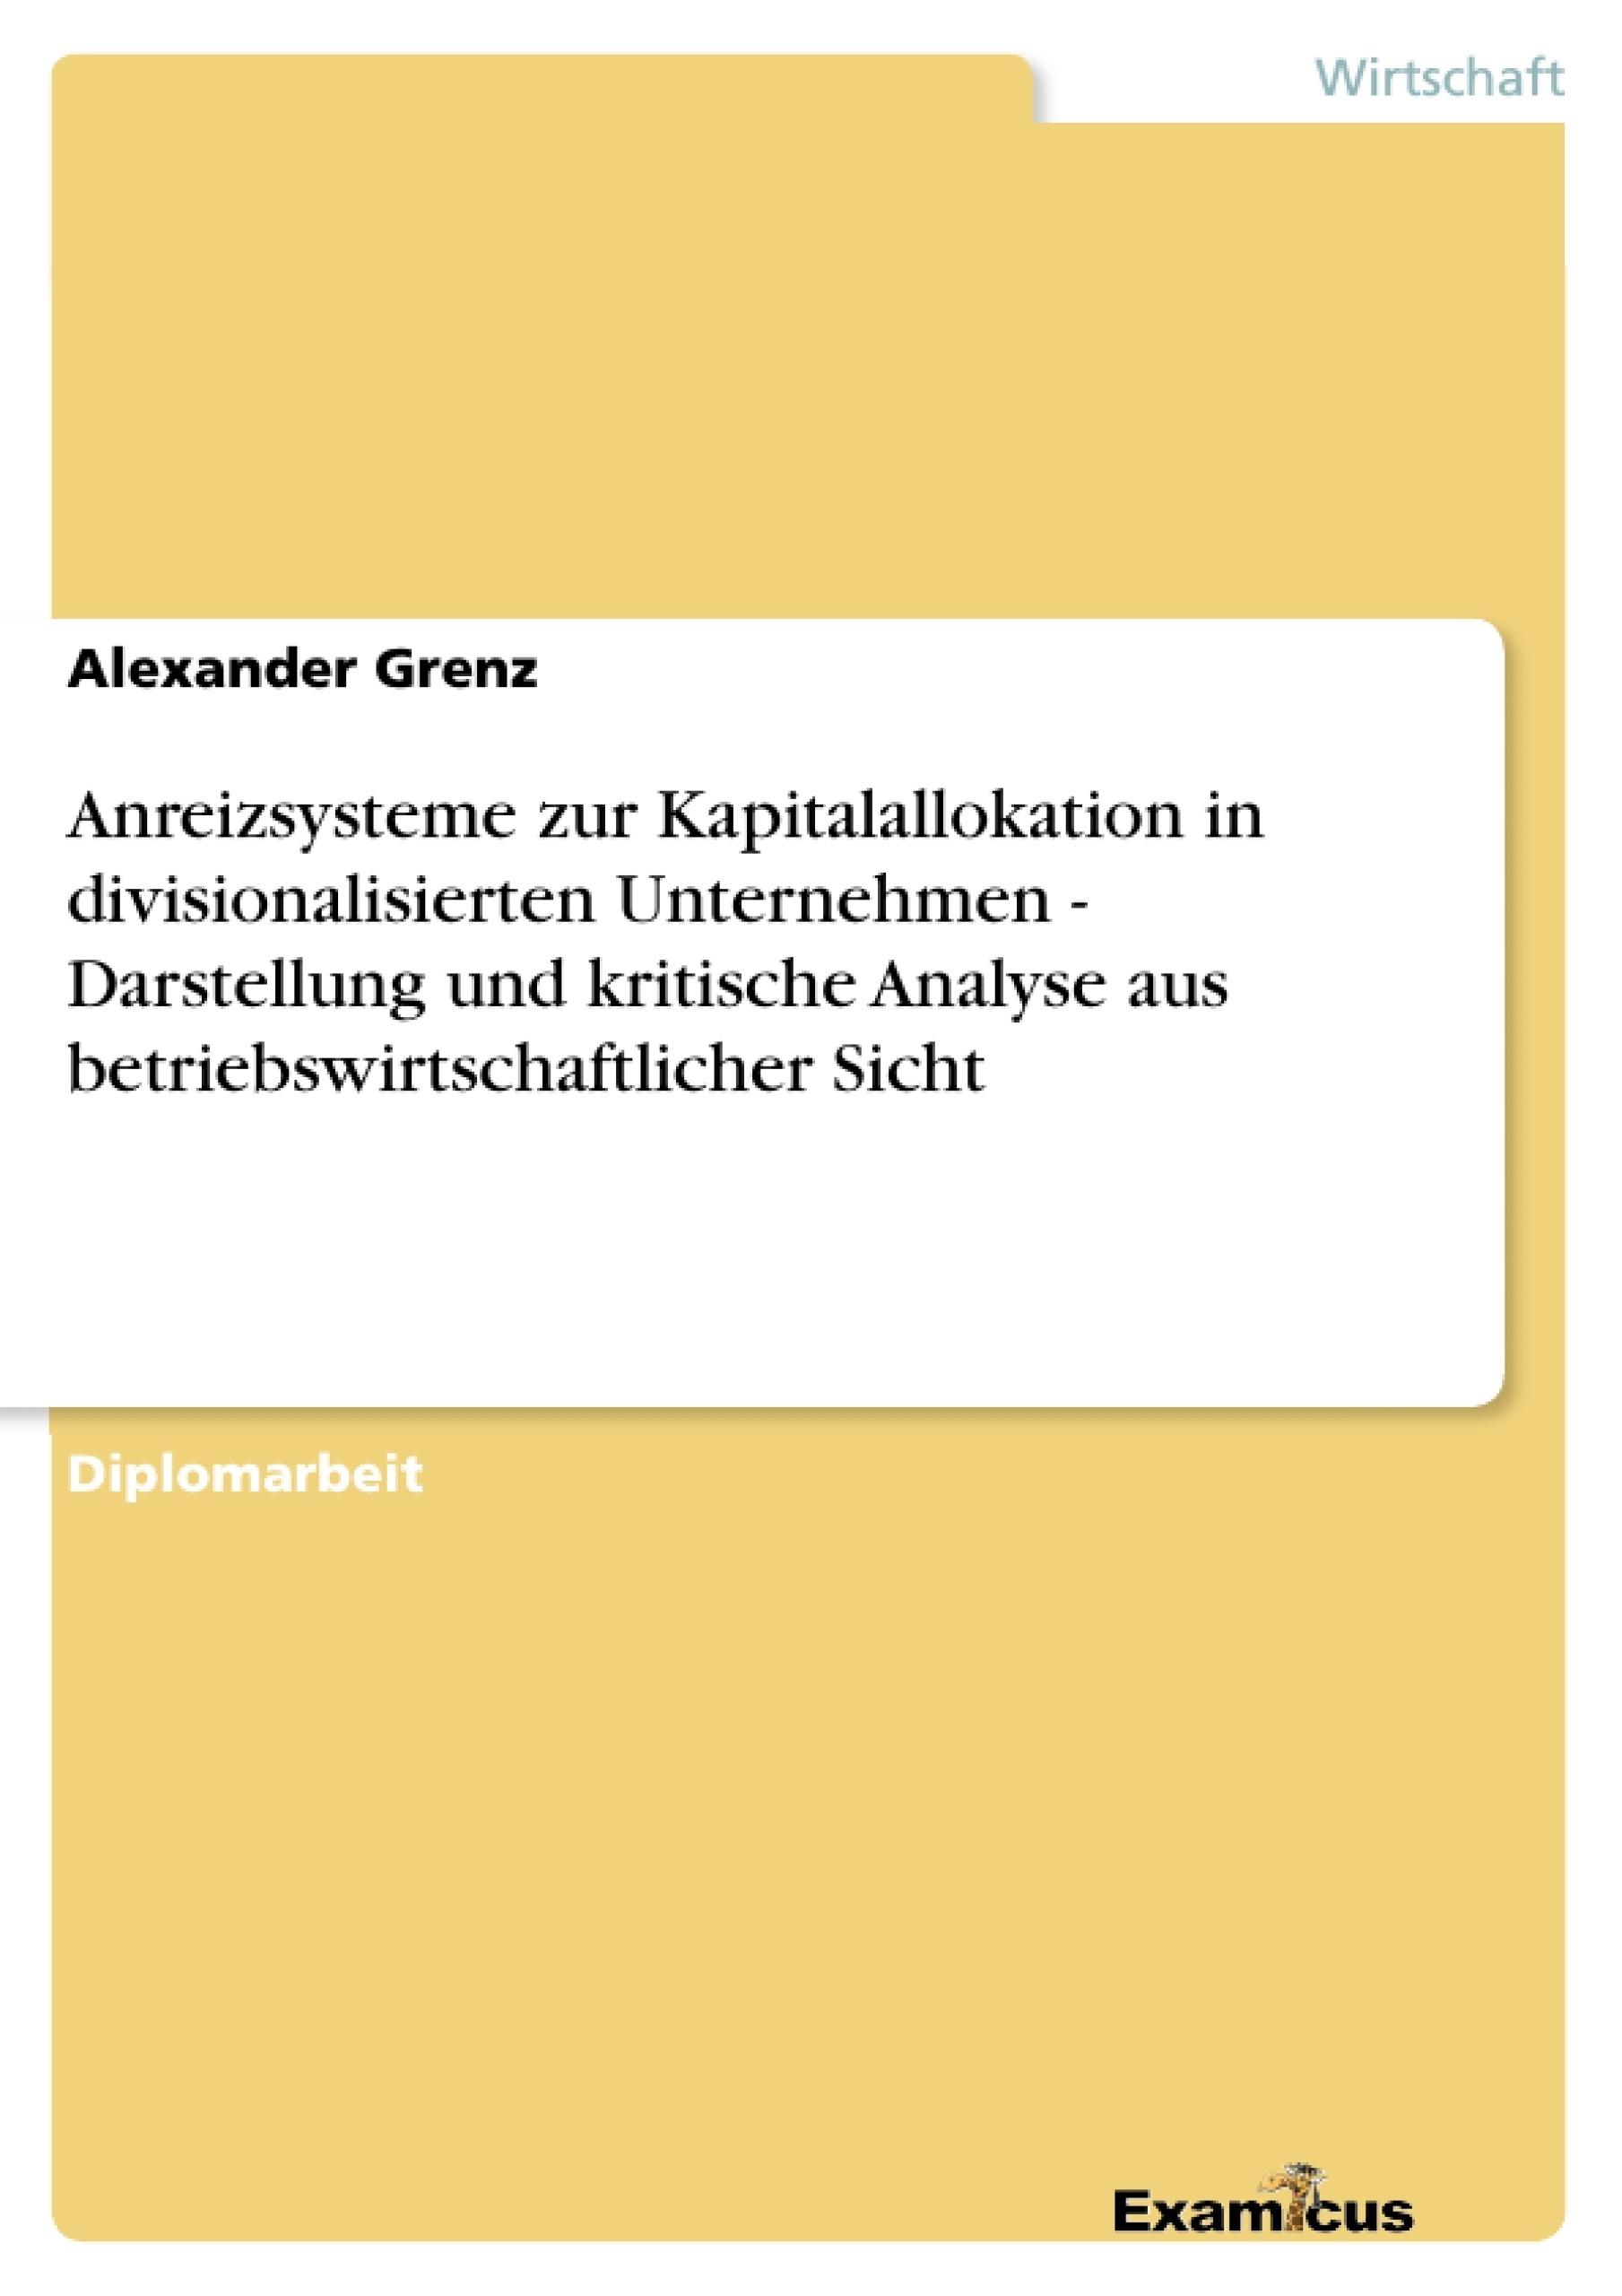 Titel: Anreizsysteme zur Kapitalallokation in divisionalisierten Unternehmen - Darstellung und kritische Analyse aus betriebswirtschaftlicher Sicht